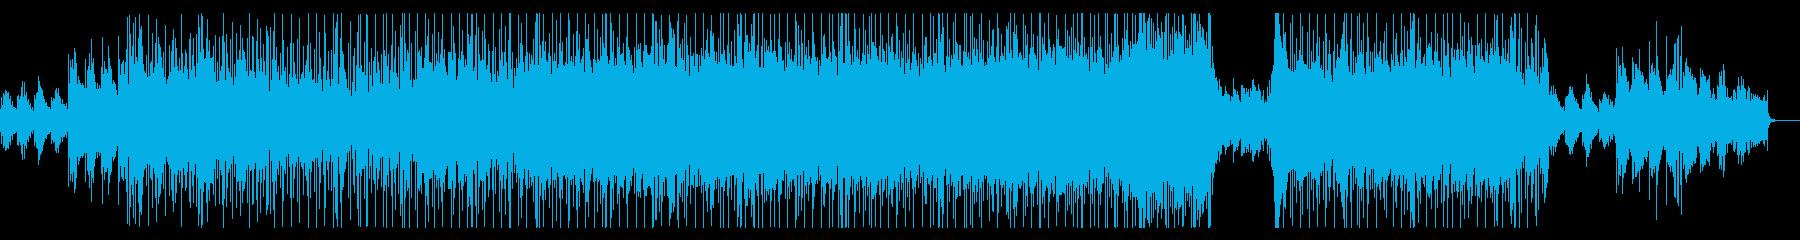 エンディング感のあるメロディアスロックの再生済みの波形